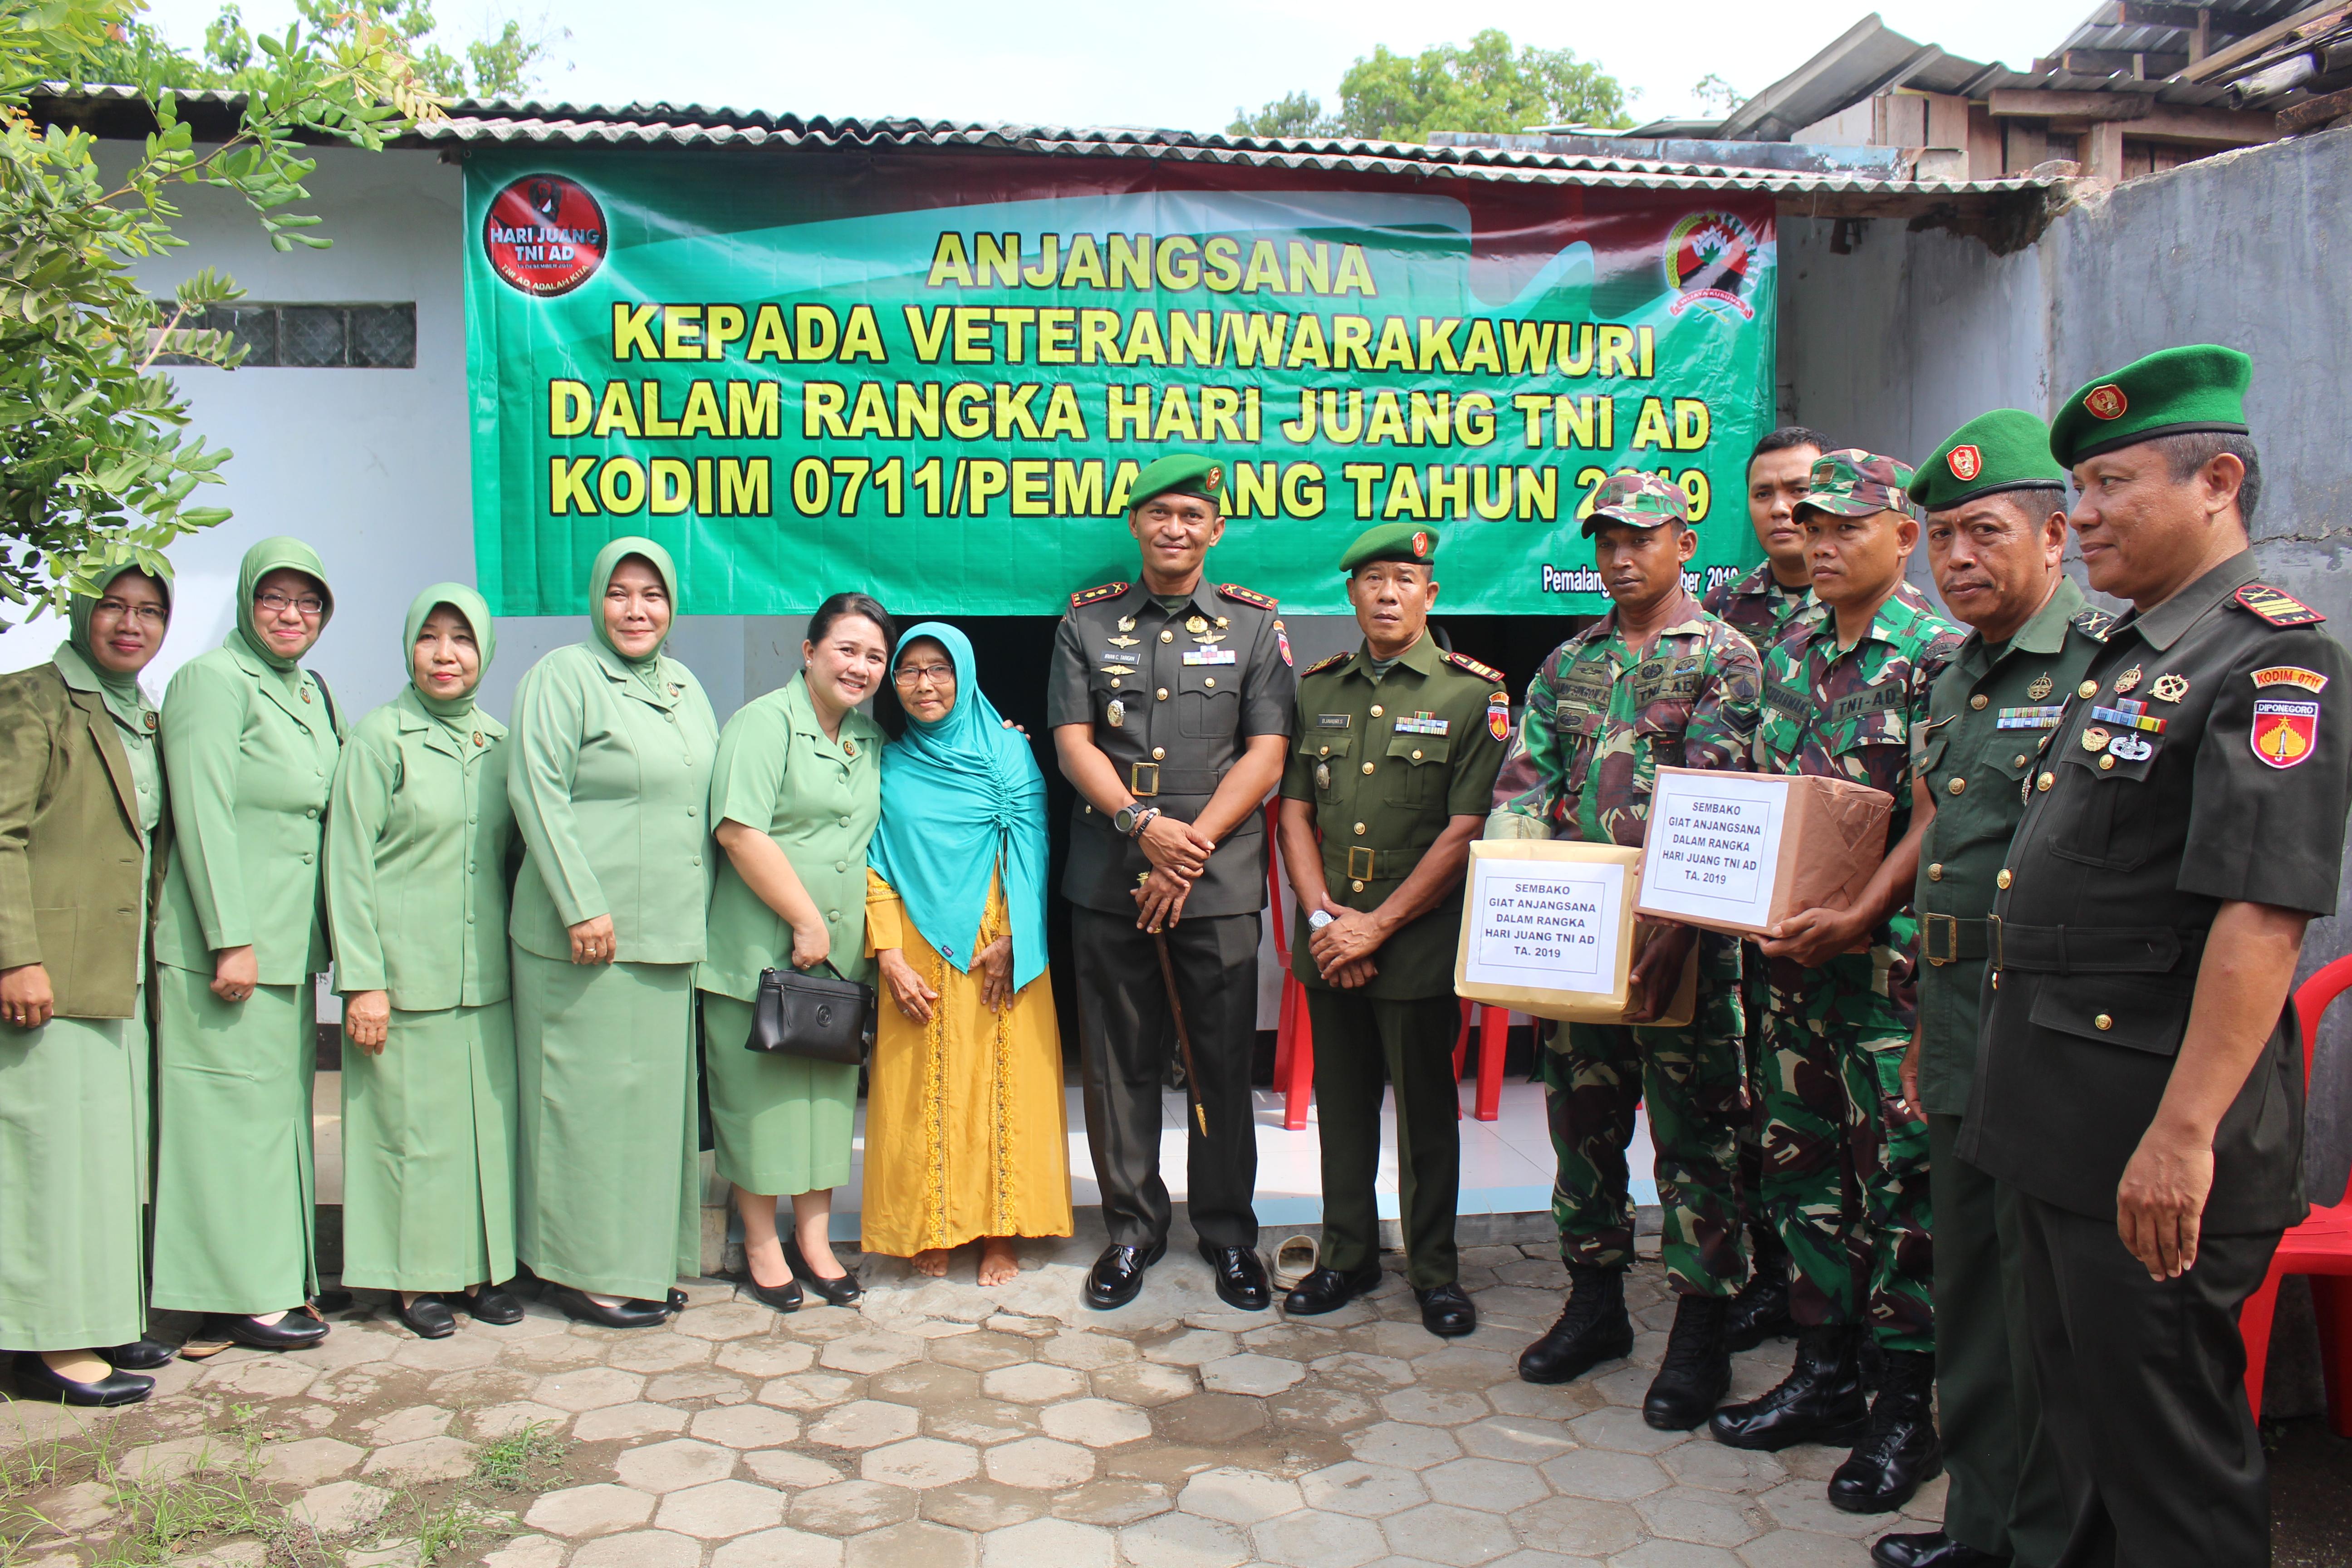 Kodim 0711/Pemalang Laksanakan Anjangsana dalam rangka Hari Juang TNI AD